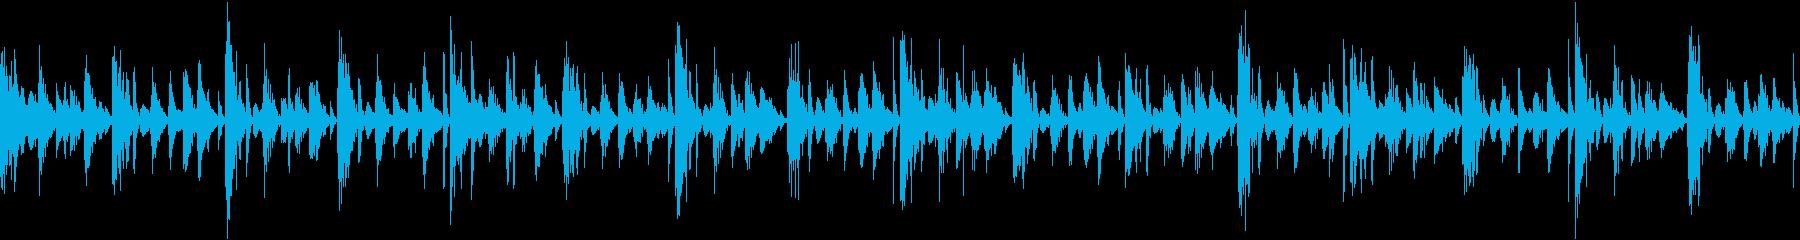 無機質な機械的ファンタジー風のループ曲の再生済みの波形